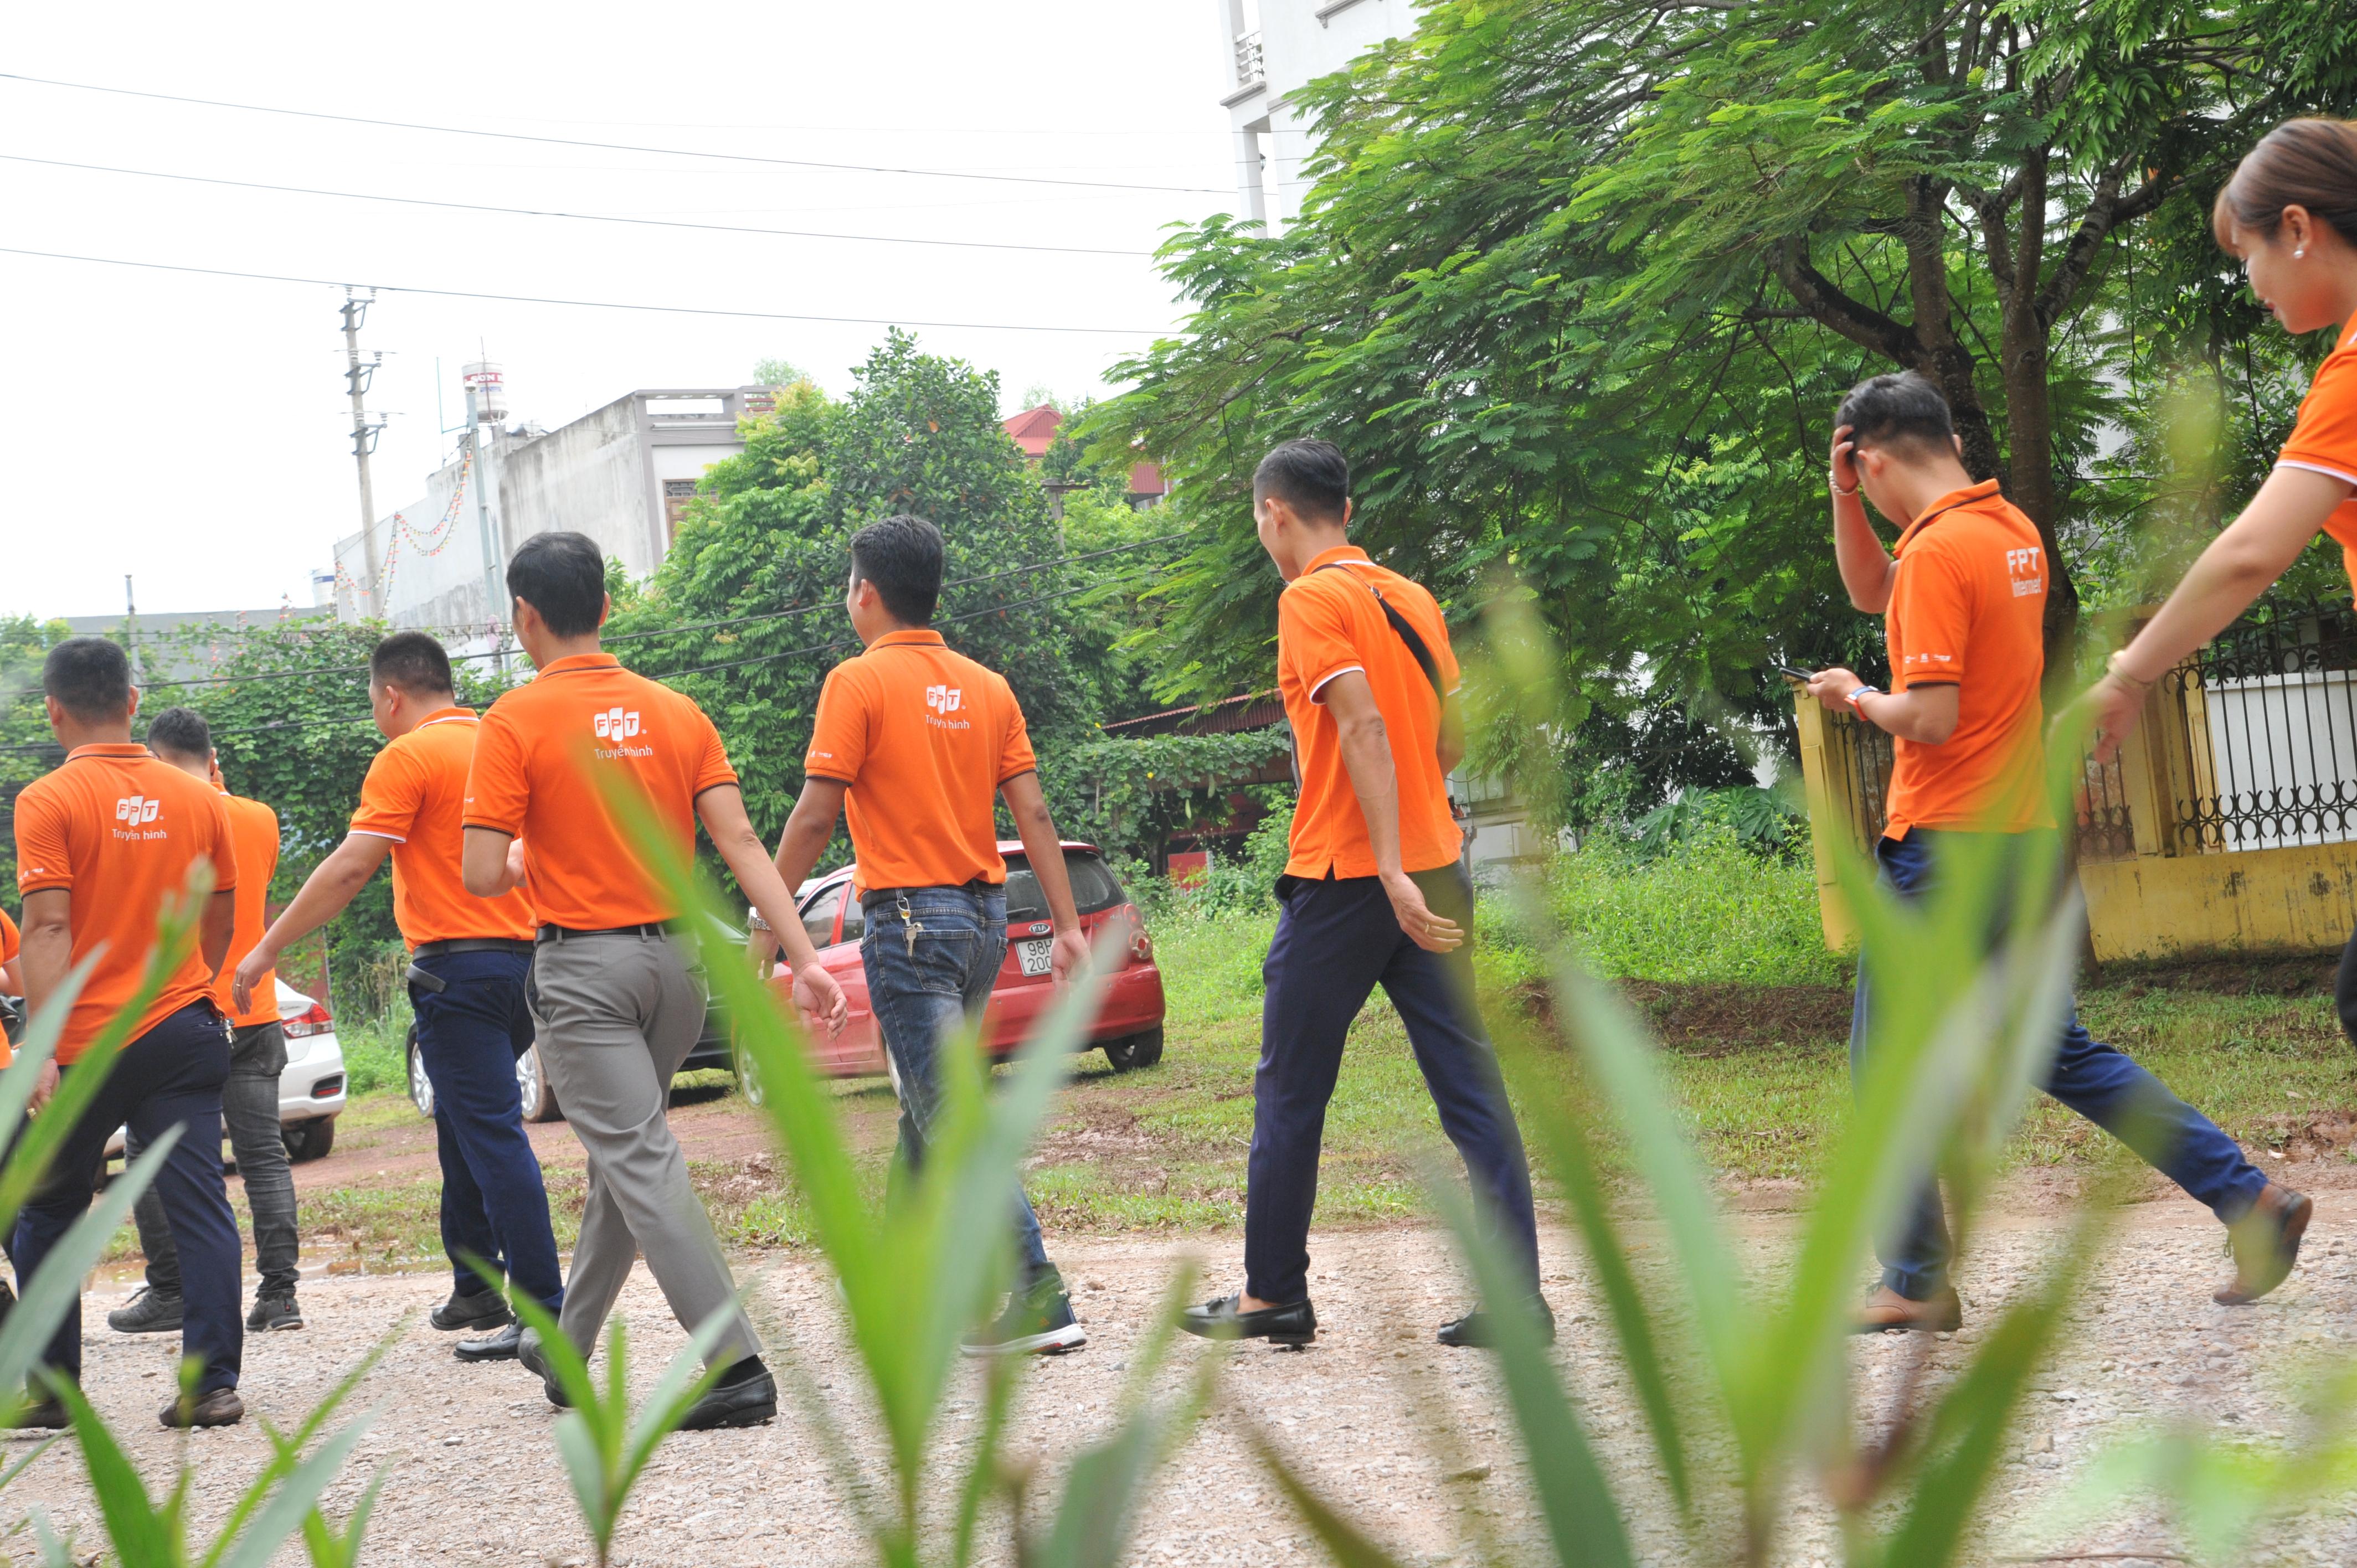 Hiện tại, FPT Telecom đã tiến hành trao và khánh thành 6 sân chơi cho trẻ em trên toàn quốc. Dự kiến trong tuần tới, đơn vị sẽ đi đến các địa điểm ở Điện Biên, Lào Cai... những địa điểm các xa trung tâm để các em nhỏ nhanh chóng tiếp cận được vơi khu vui chơi. Dự án khu vui chơi được xuất phát từ chương trình FoxSteps - chinh phục 13 vòng trái đất của FPT Telecom. FoxSteps là chiến dịch của FPT Telecom từ ngày 5/8 - 28/8, nhằm mục đích lan toả những cảm hứng sống tích cực tới từng cán bộ, nhân viên đồng thời đồng hành cùng cộng đồng chung tay vì tuổi thơ trọn vẹn của trẻ em Việt Nam. Theo đó, 10.000 người thuộc công ty sẽ đi bộ liên tục trong vòng 31 ngày, nhằm chinh phục 13 vòng trái đất - tức 520.000 km. Mục tiêu của chiến dịch FoxSteps là xây dựng sân chơi hoàn toàn miễn phí cho trẻ em trên các tỉnh thành cả nước với đầy đủ các trang thiết bị vui chơi tiện nghi. Mỗi kilomet người FPT Telecom đi được sẽ được đóng góp vào quỹ xây dựng sân chơi.